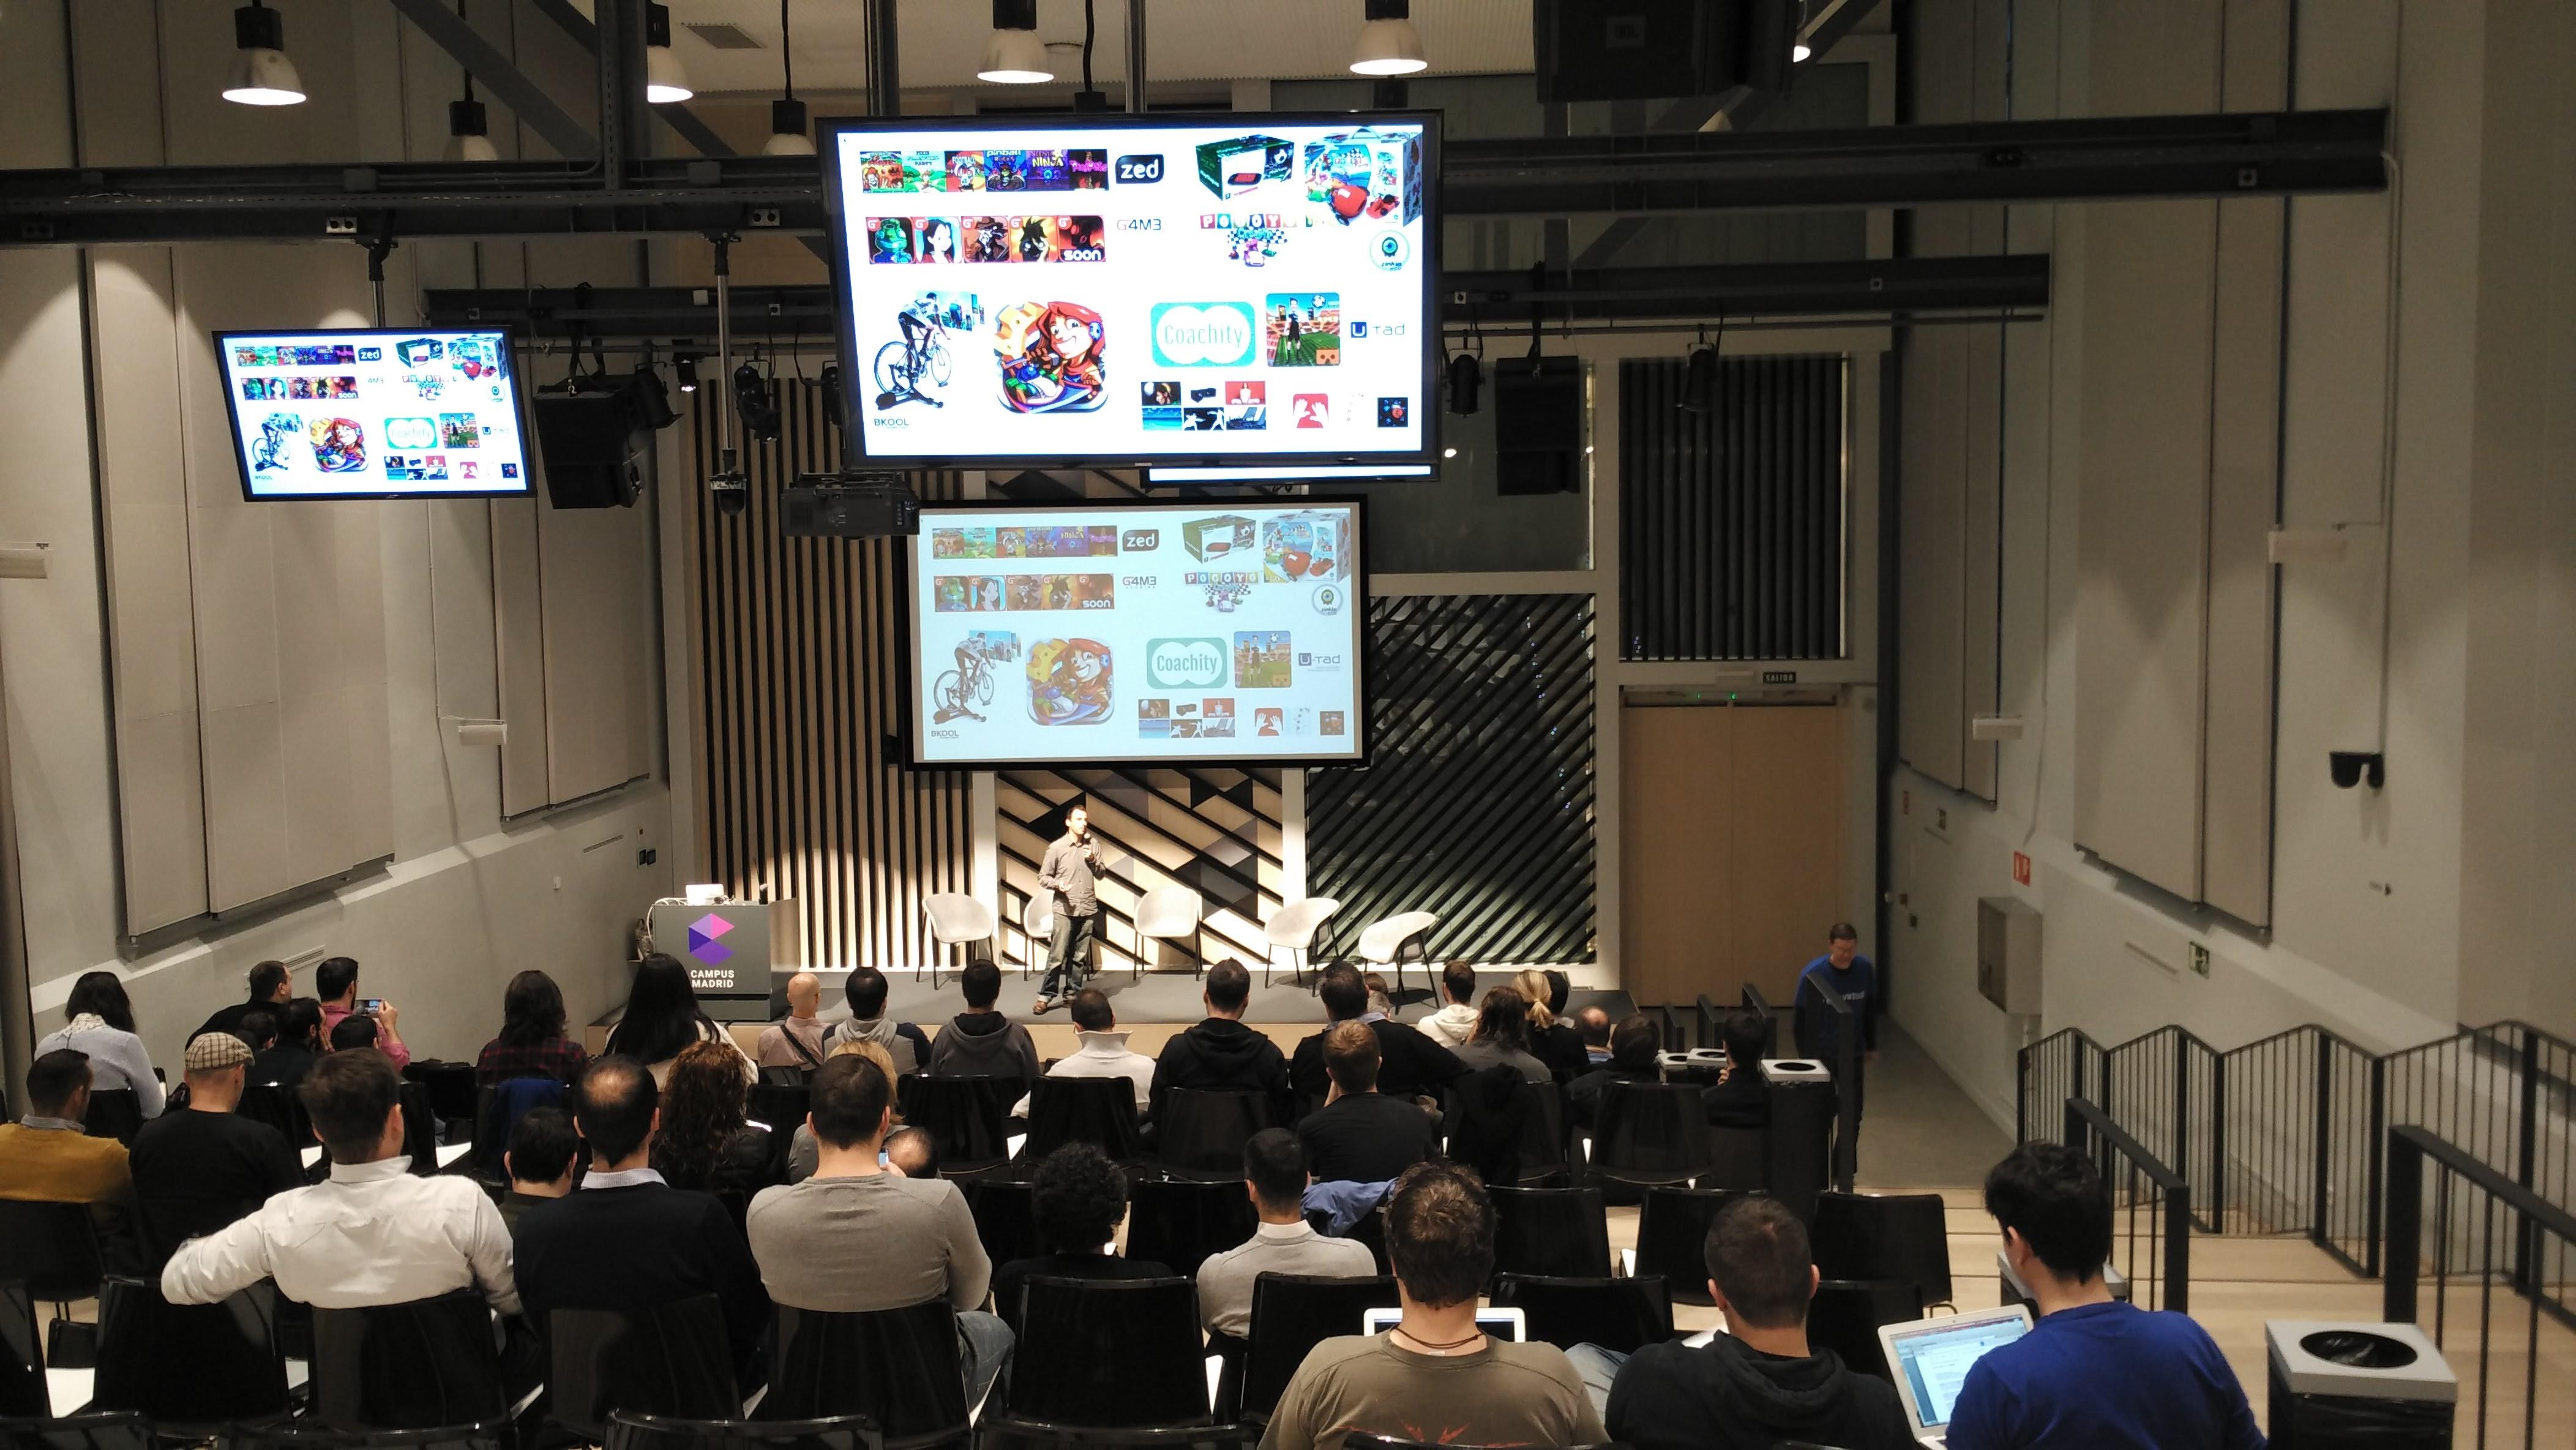 Spain VR Startups, el evento de Realidad Virtual más esperado en España